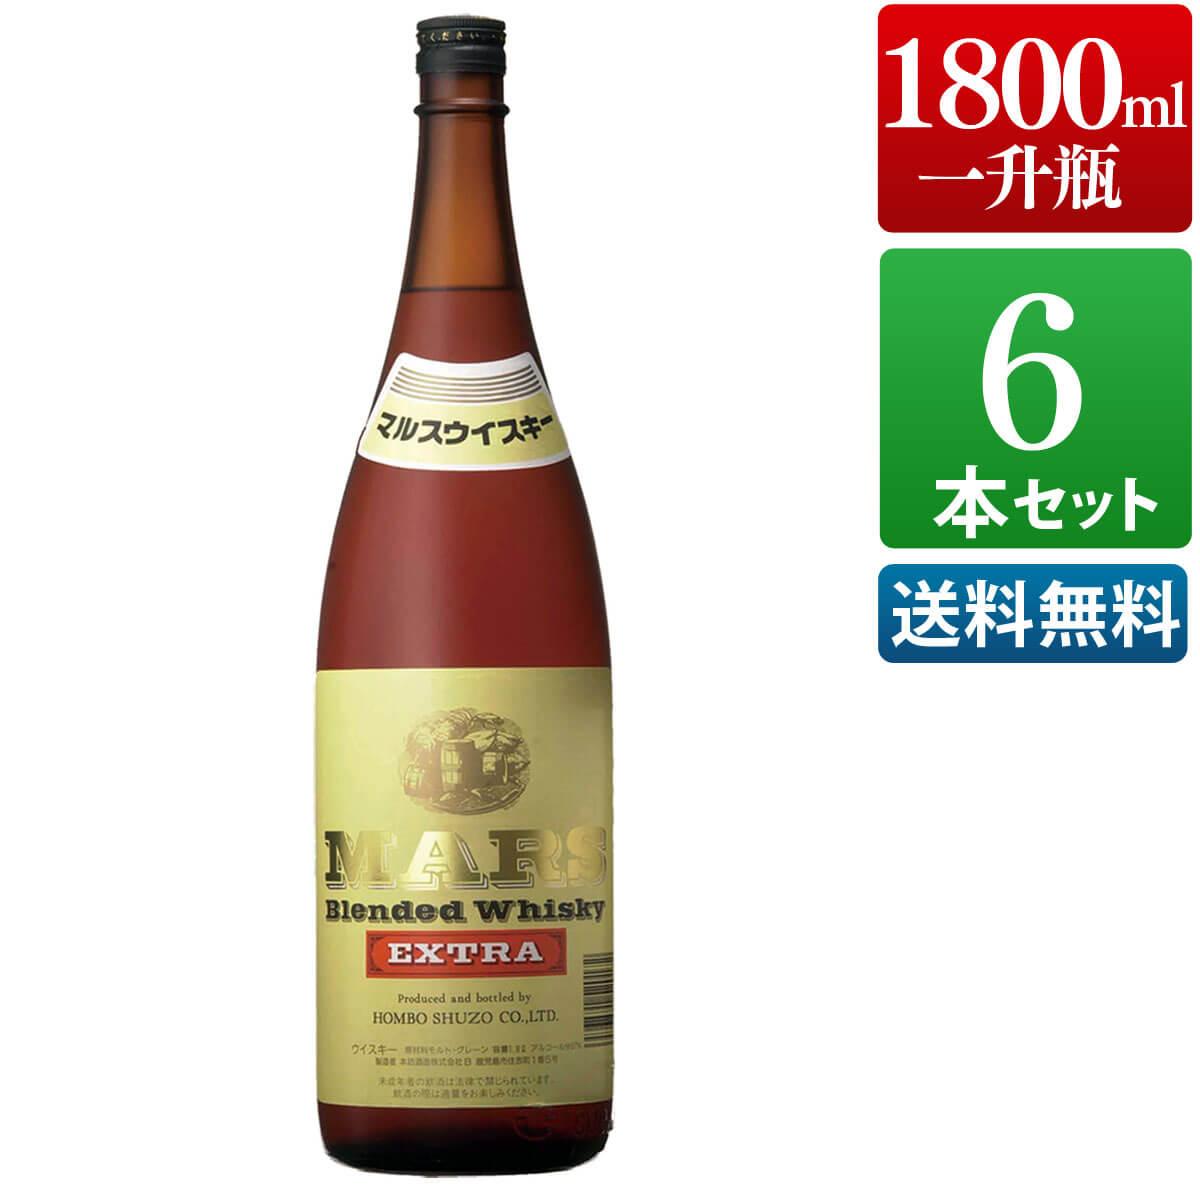 ウイスキー 6本セット マルスウイスキー エクストラ 37度 1800ml [ 本坊酒造 ウイスキー / 送料無料 ] 【本坊酒造 公式通販】